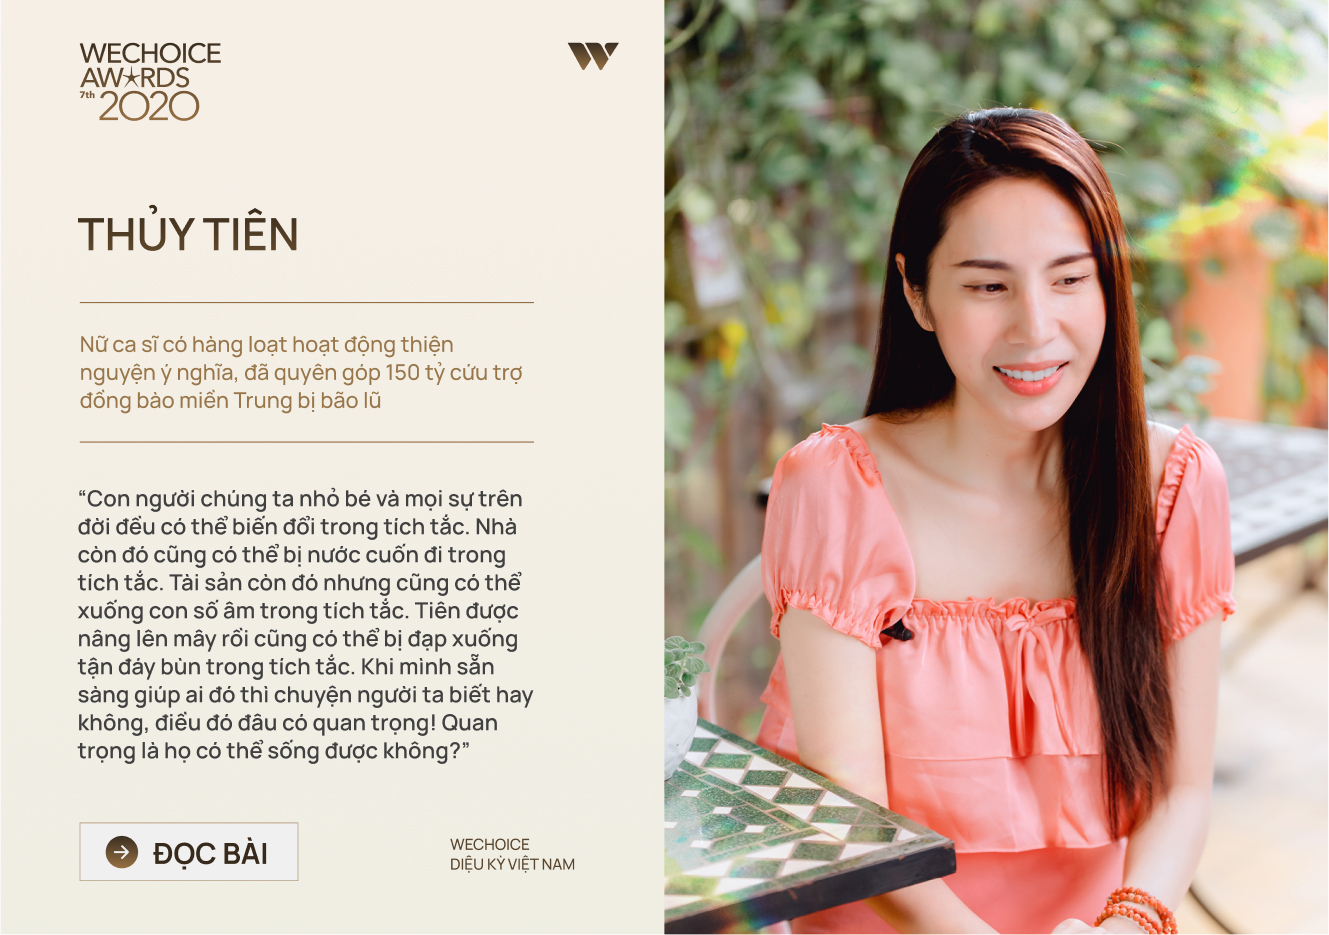 20 đề cử nhân vật truyền cảm hứng của WeChoice Awards 2020: Những câu chuyện tạo nên Diệu kỳ Việt Nam - Ảnh 12.